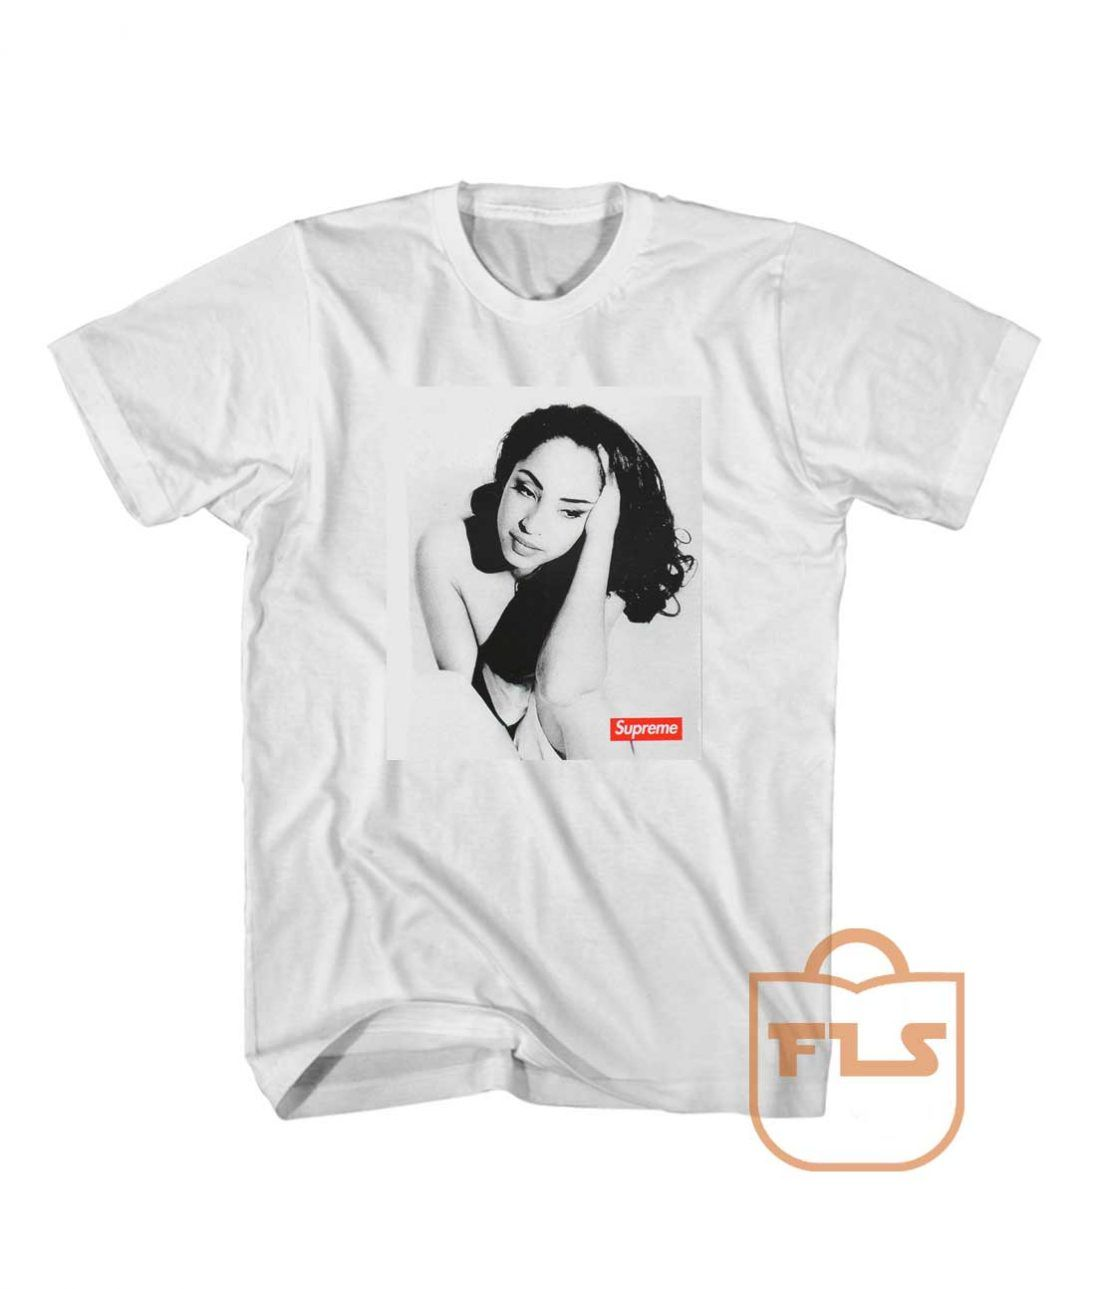 Supreme Sade Tee Shirt Tshirts Teeshirts Cheaptshirt Graphictees Graphicteeshirt Graphicdesign Mensfashion Womensfashion Supremesade